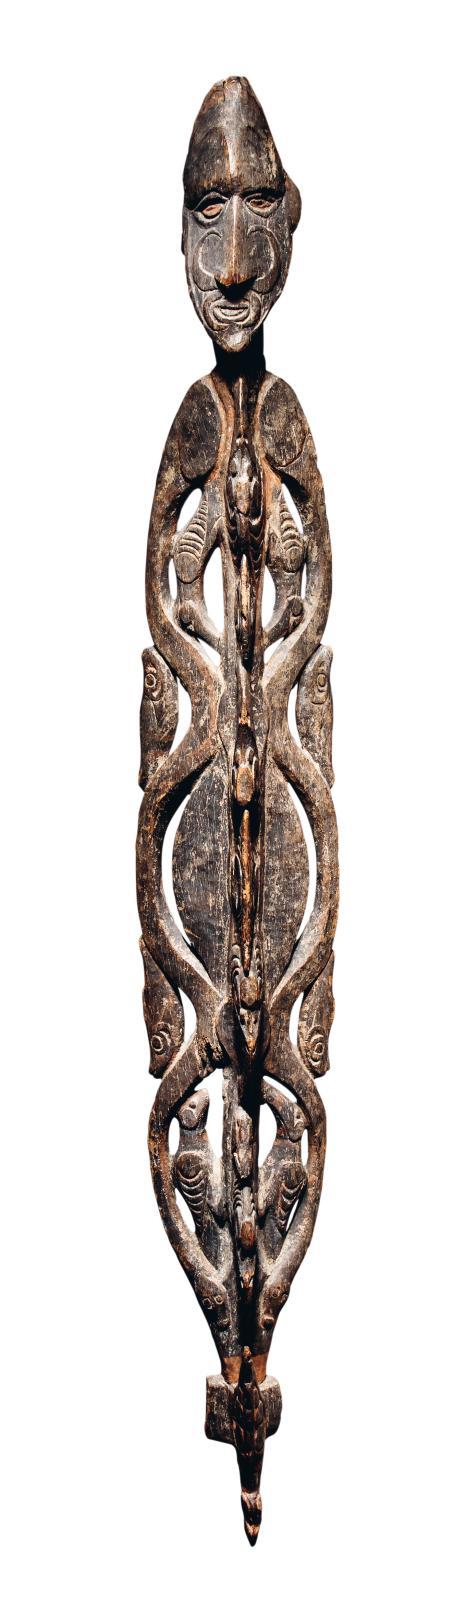 Iatmul, Moyen-Sepik, Papouasie-Nouvelle-Guinée. Crochet, bois de Vitex cofassus,restes de polychromie, h.160cm. Adjugé: 461300€